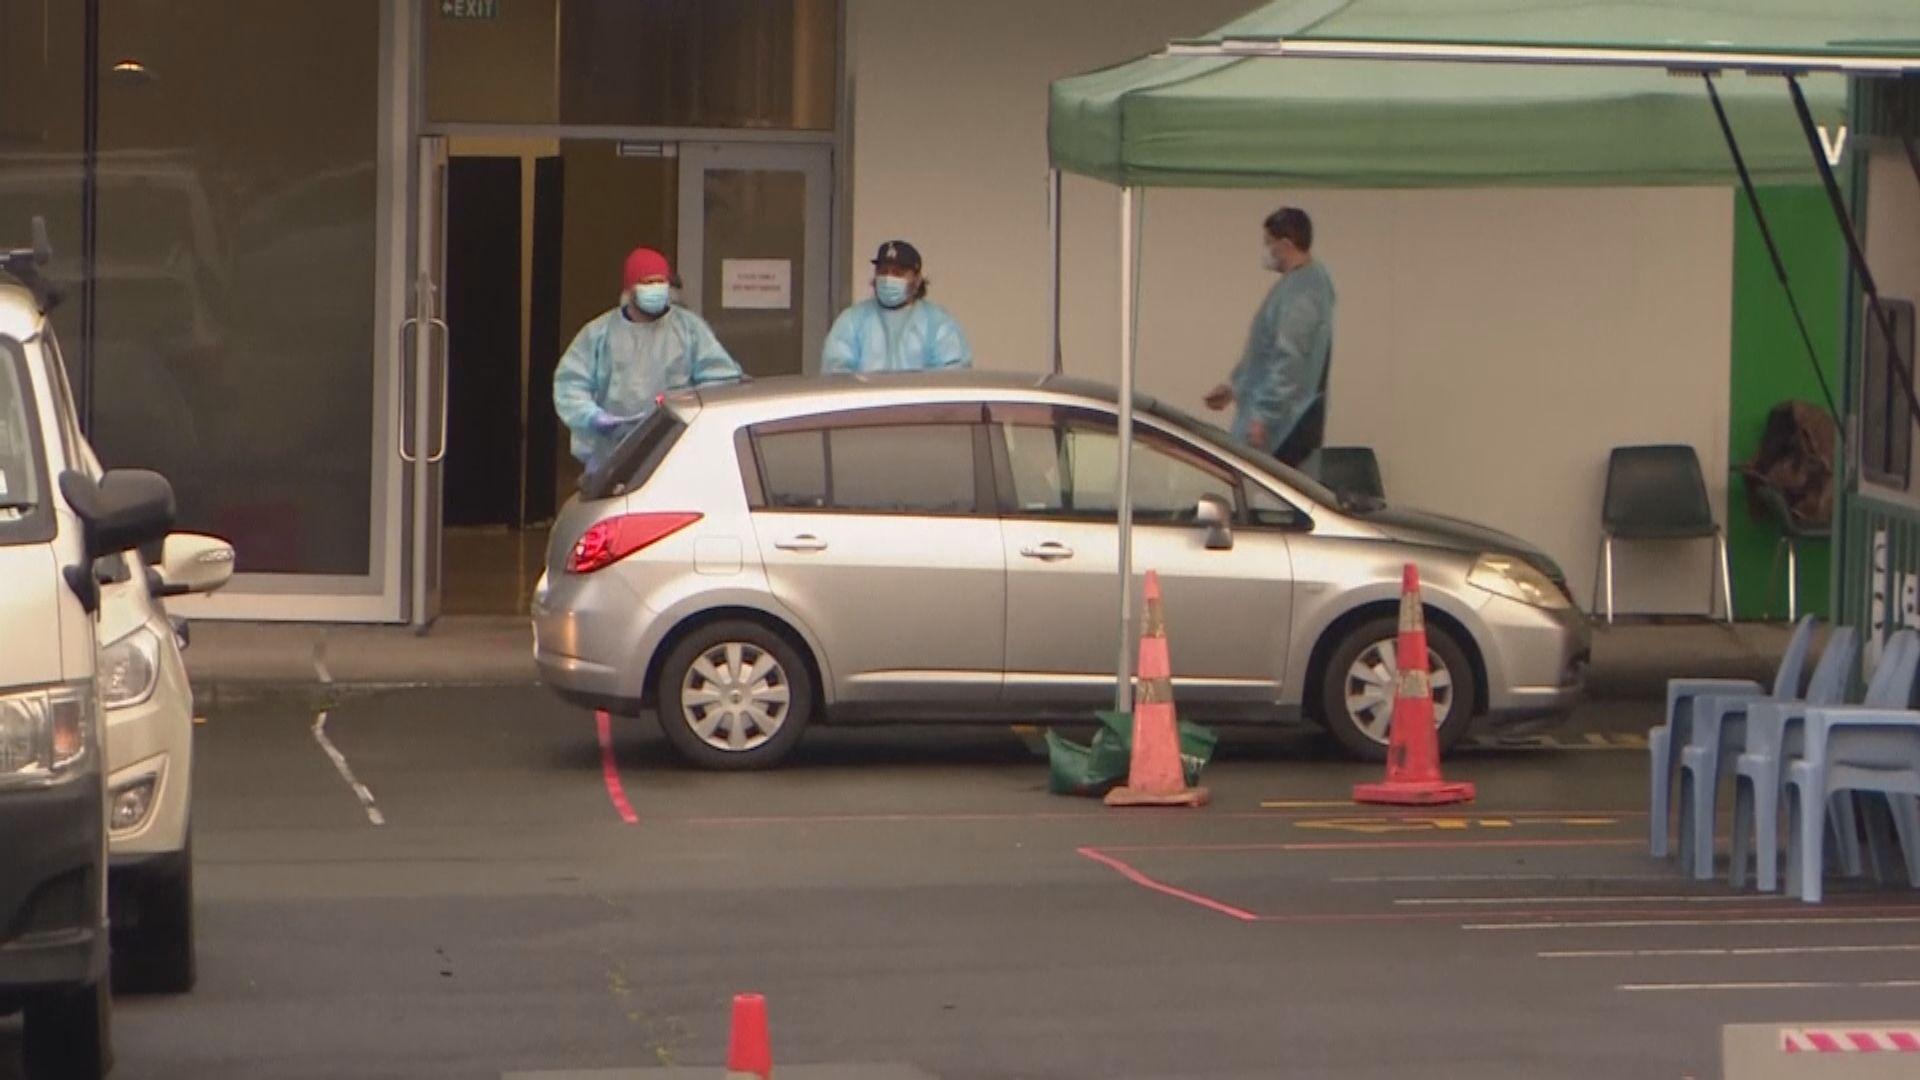 新西蘭本地個案再現或與邊境檢疫有關